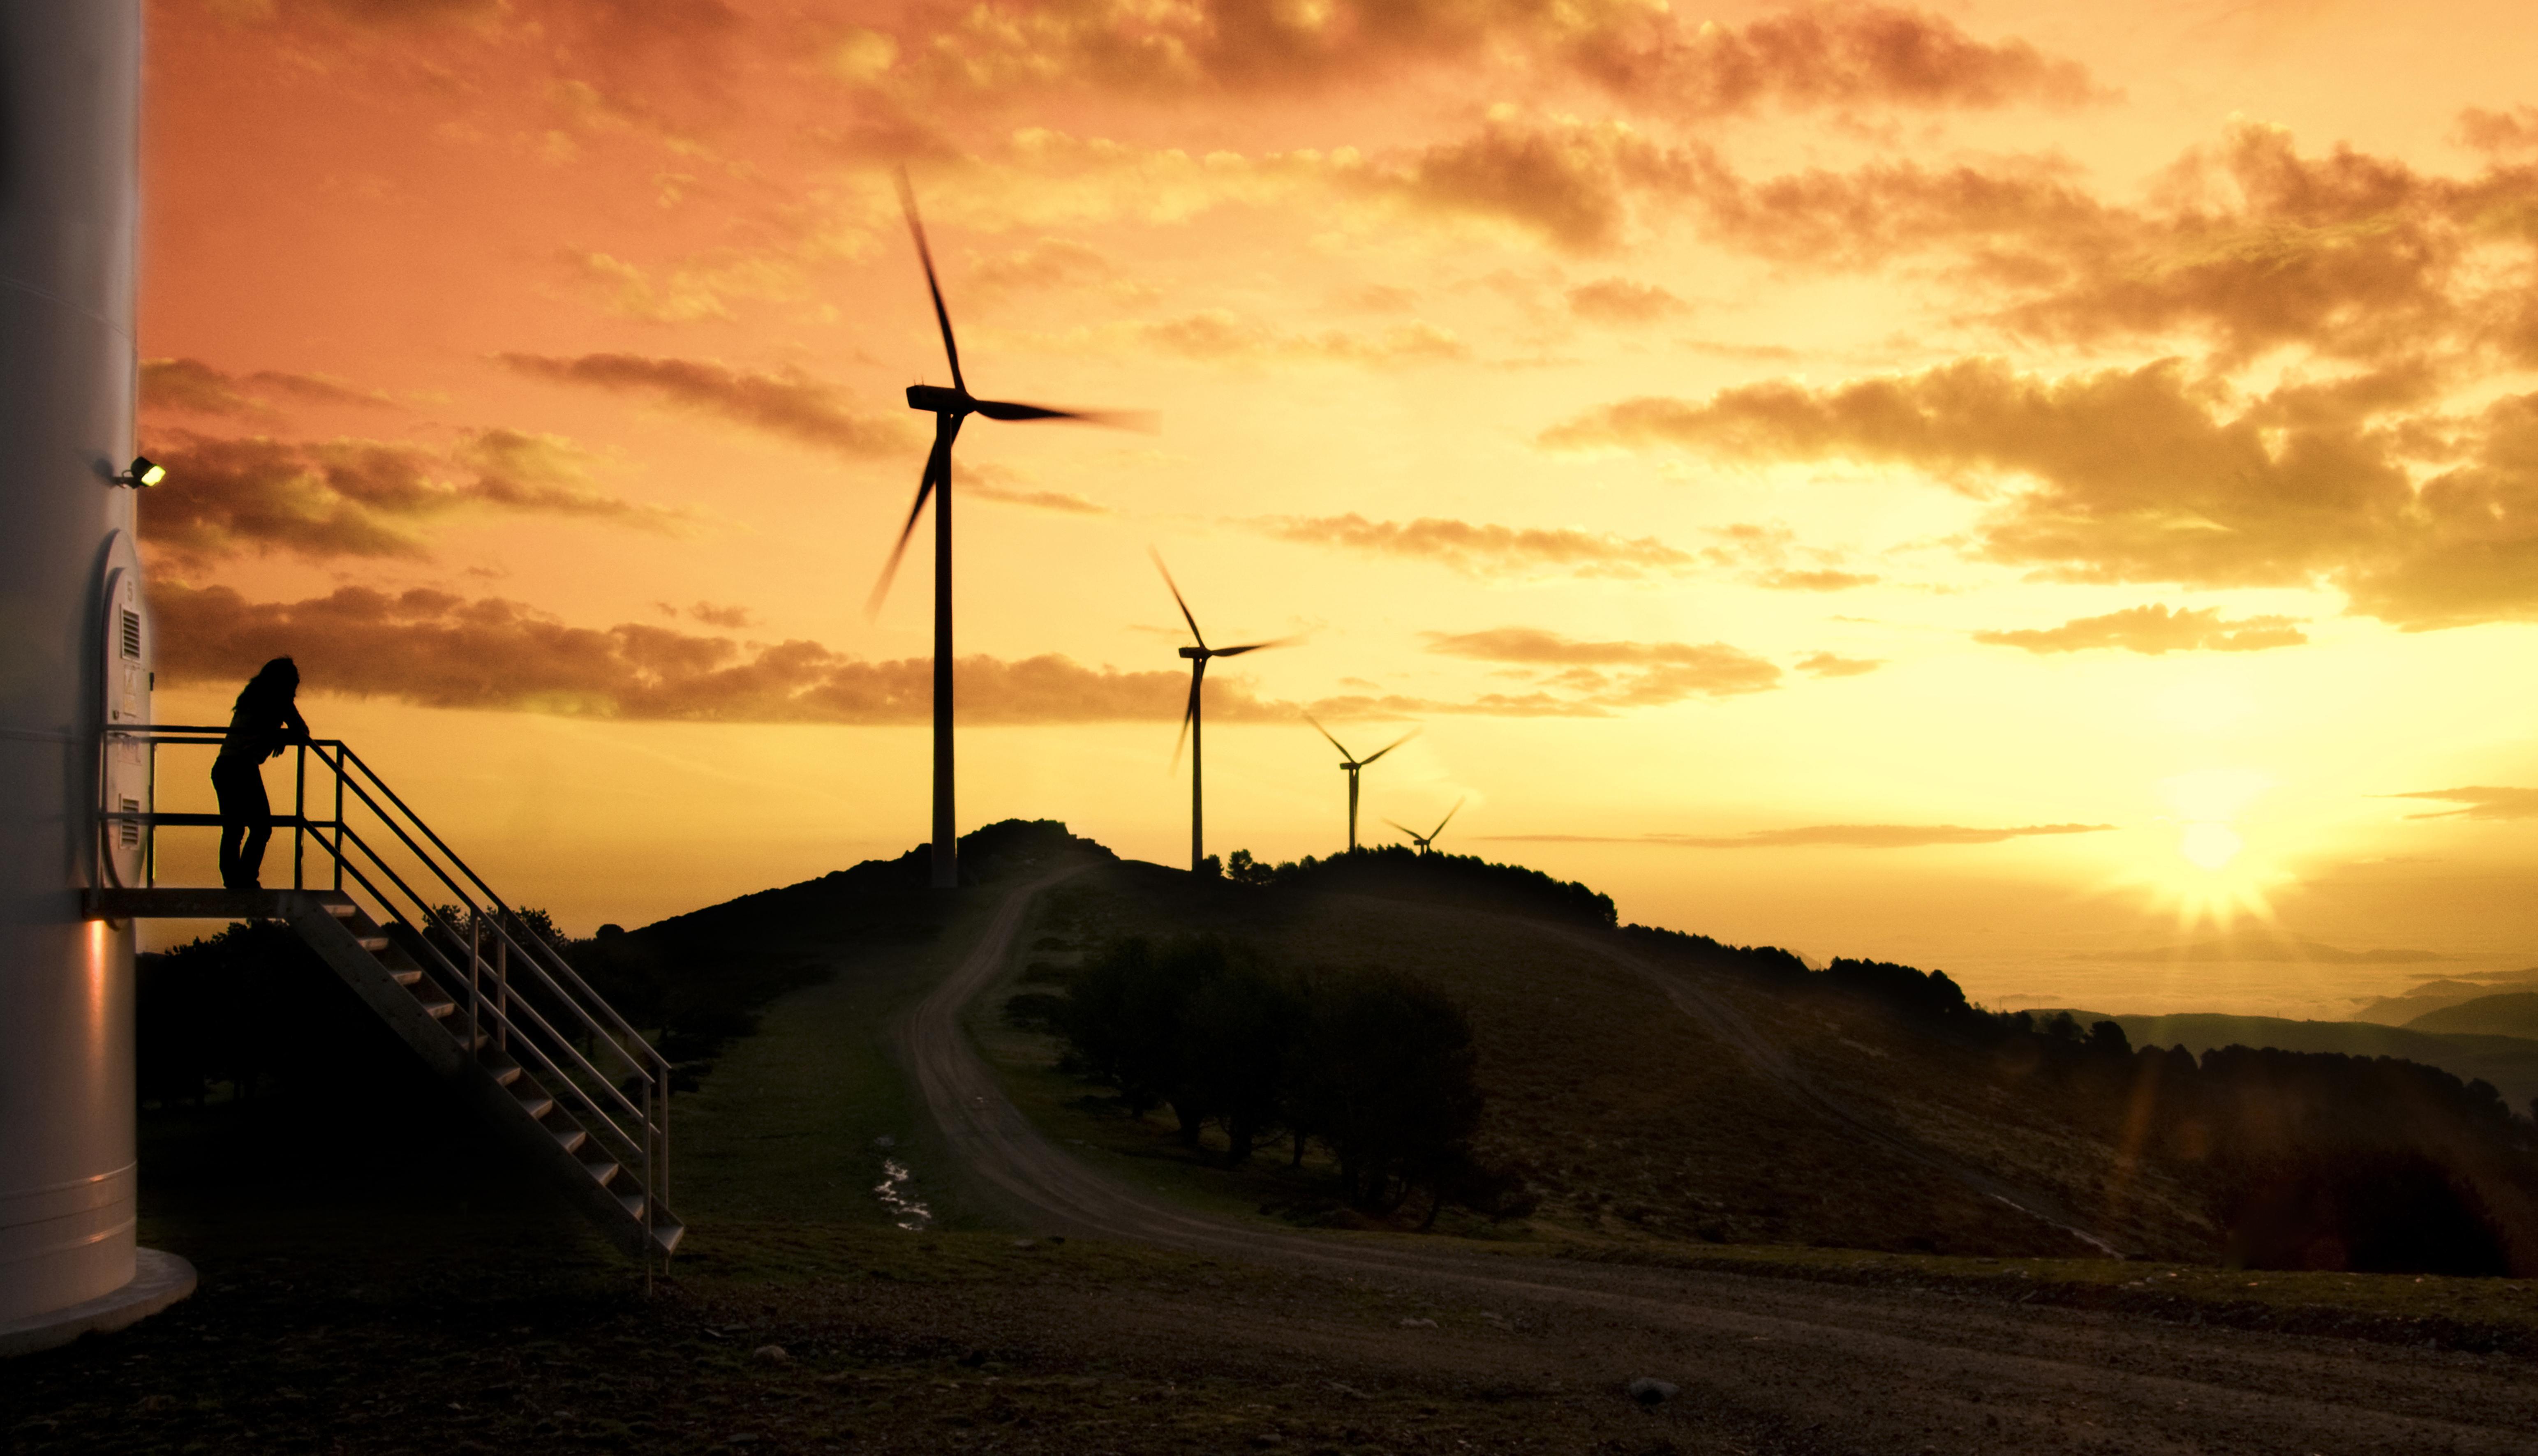 Energía Eólica Gavia: parque eólico experimental de Alba de Tormes con  aerogeneradores de la gama TWT 1.65